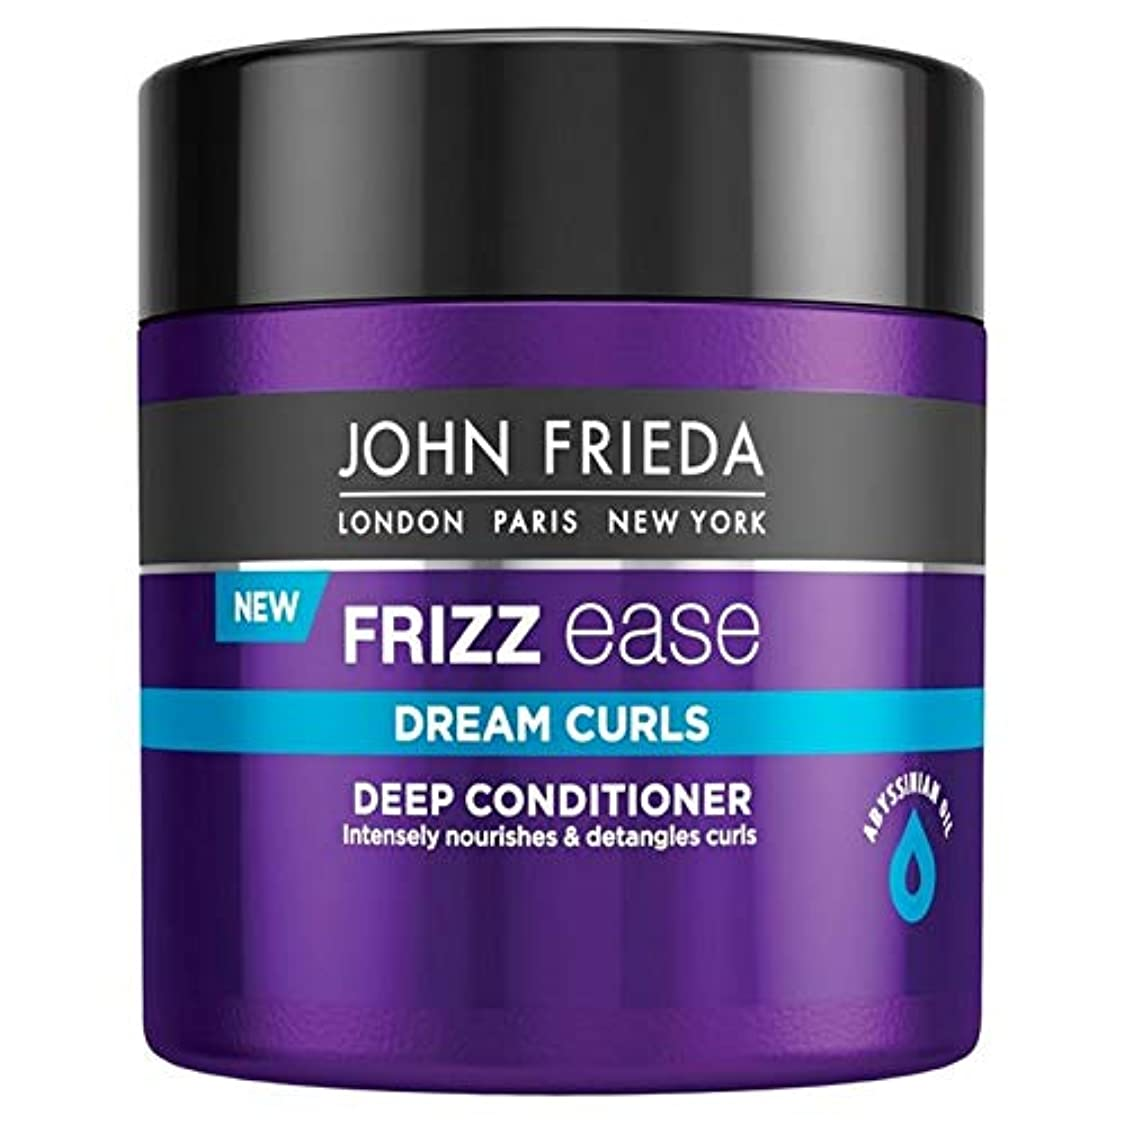 ラフトペルソナ締める[John Frieda ] ジョン?フリーダ縮れ容易夢カール深いコンディショナー150ミリリットル - John Frieda Frizz Ease Dream Curls Deep Conditioner 150ml...